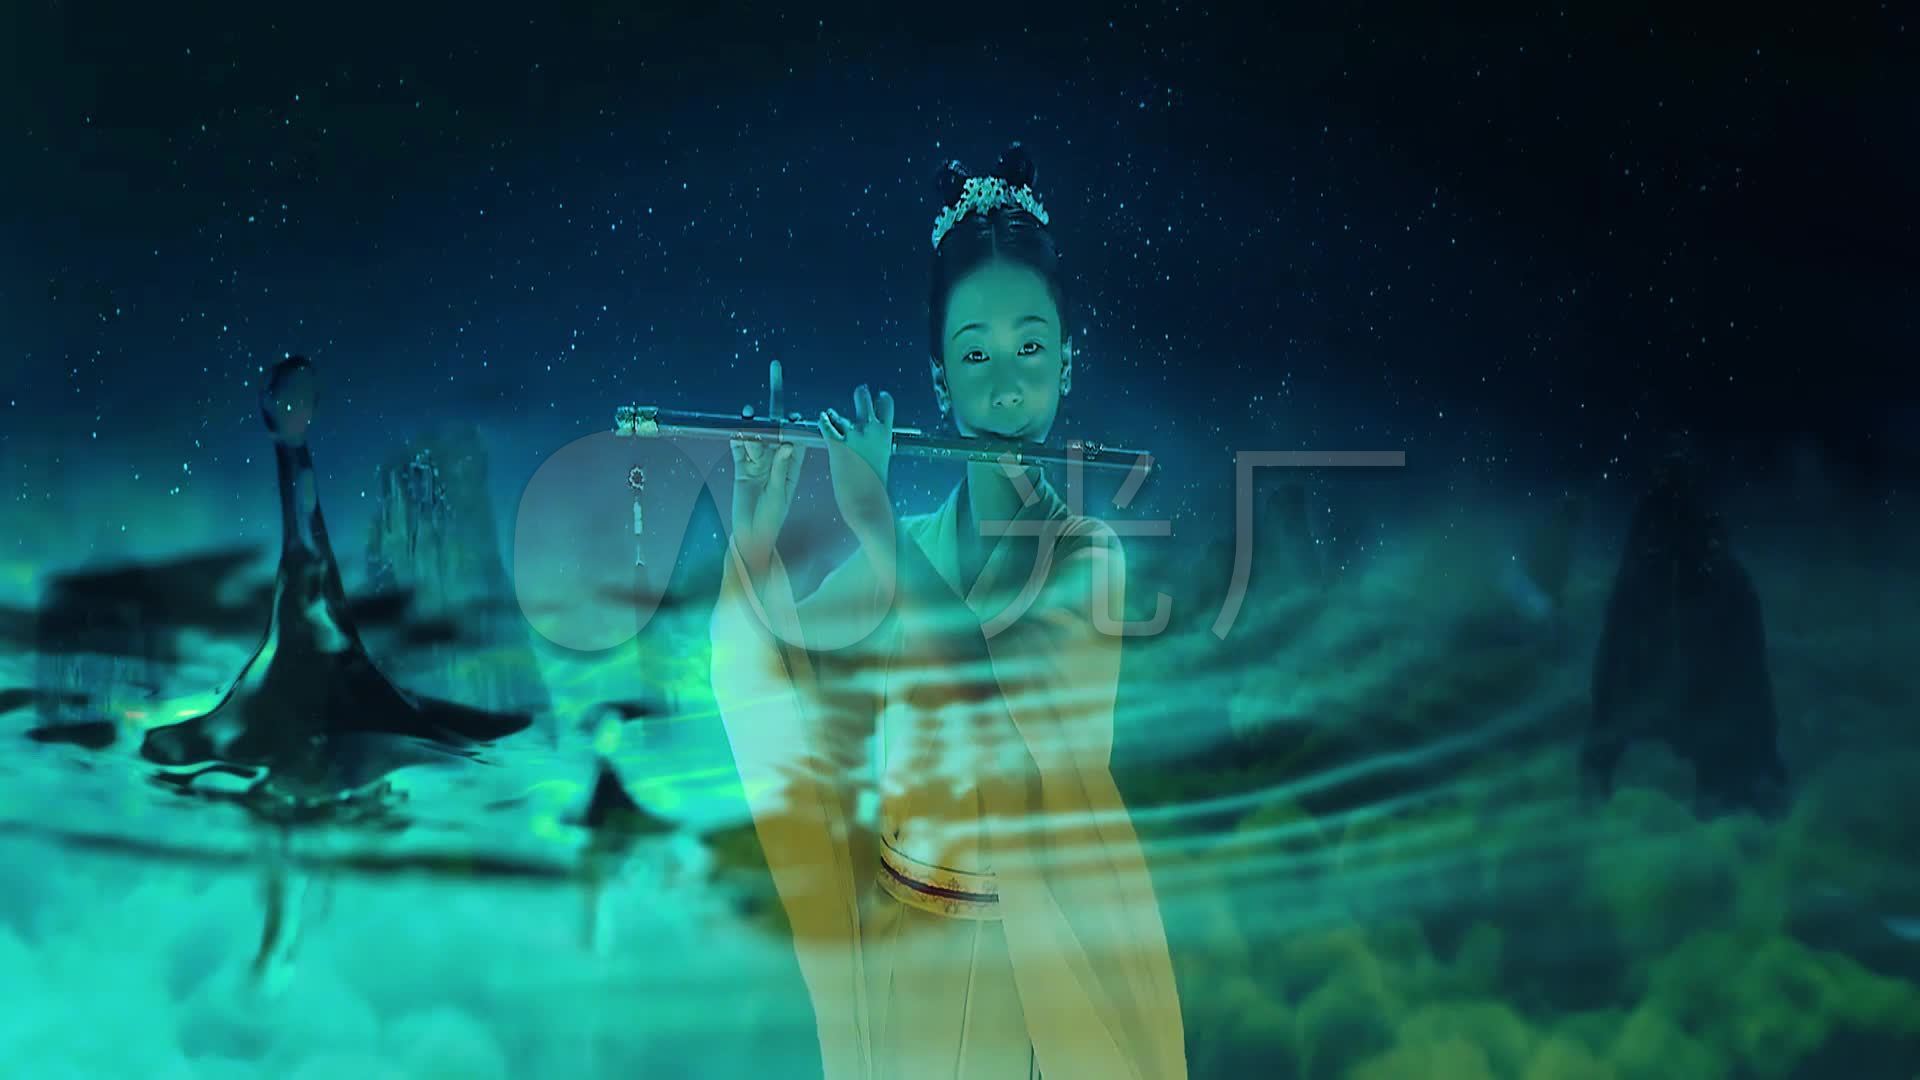 高清吹视频_1920X1080_视频金星素材下载(编意境笛子章图片